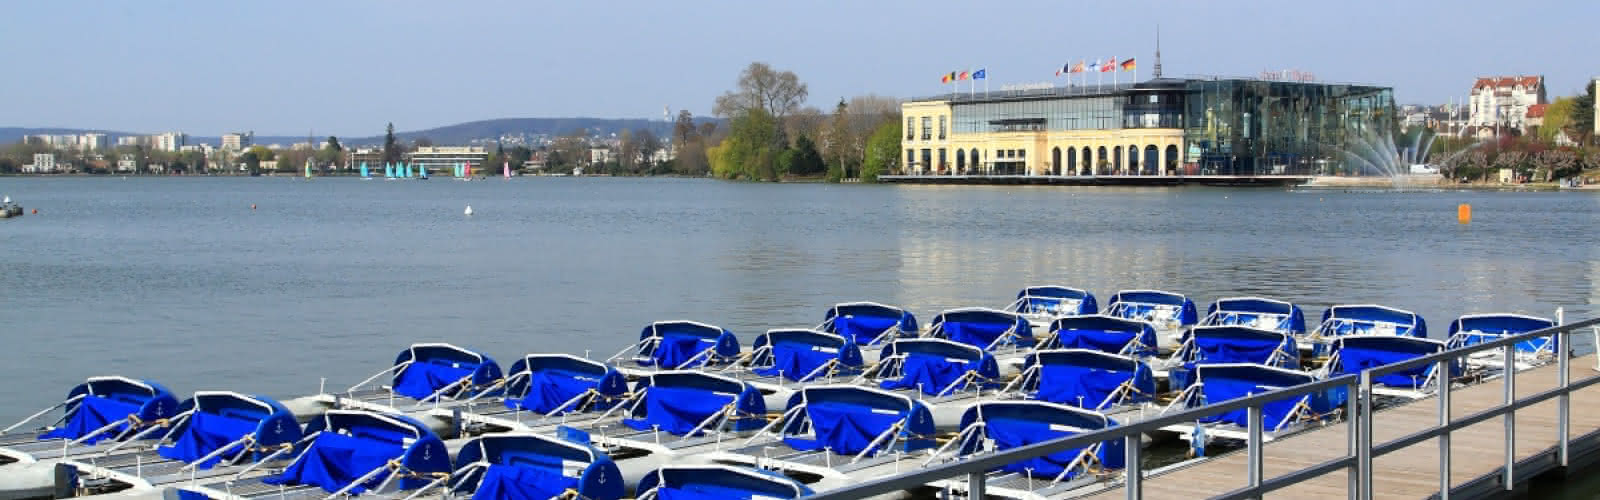 Pédalos sur le lac d'Enghien-les-Bains